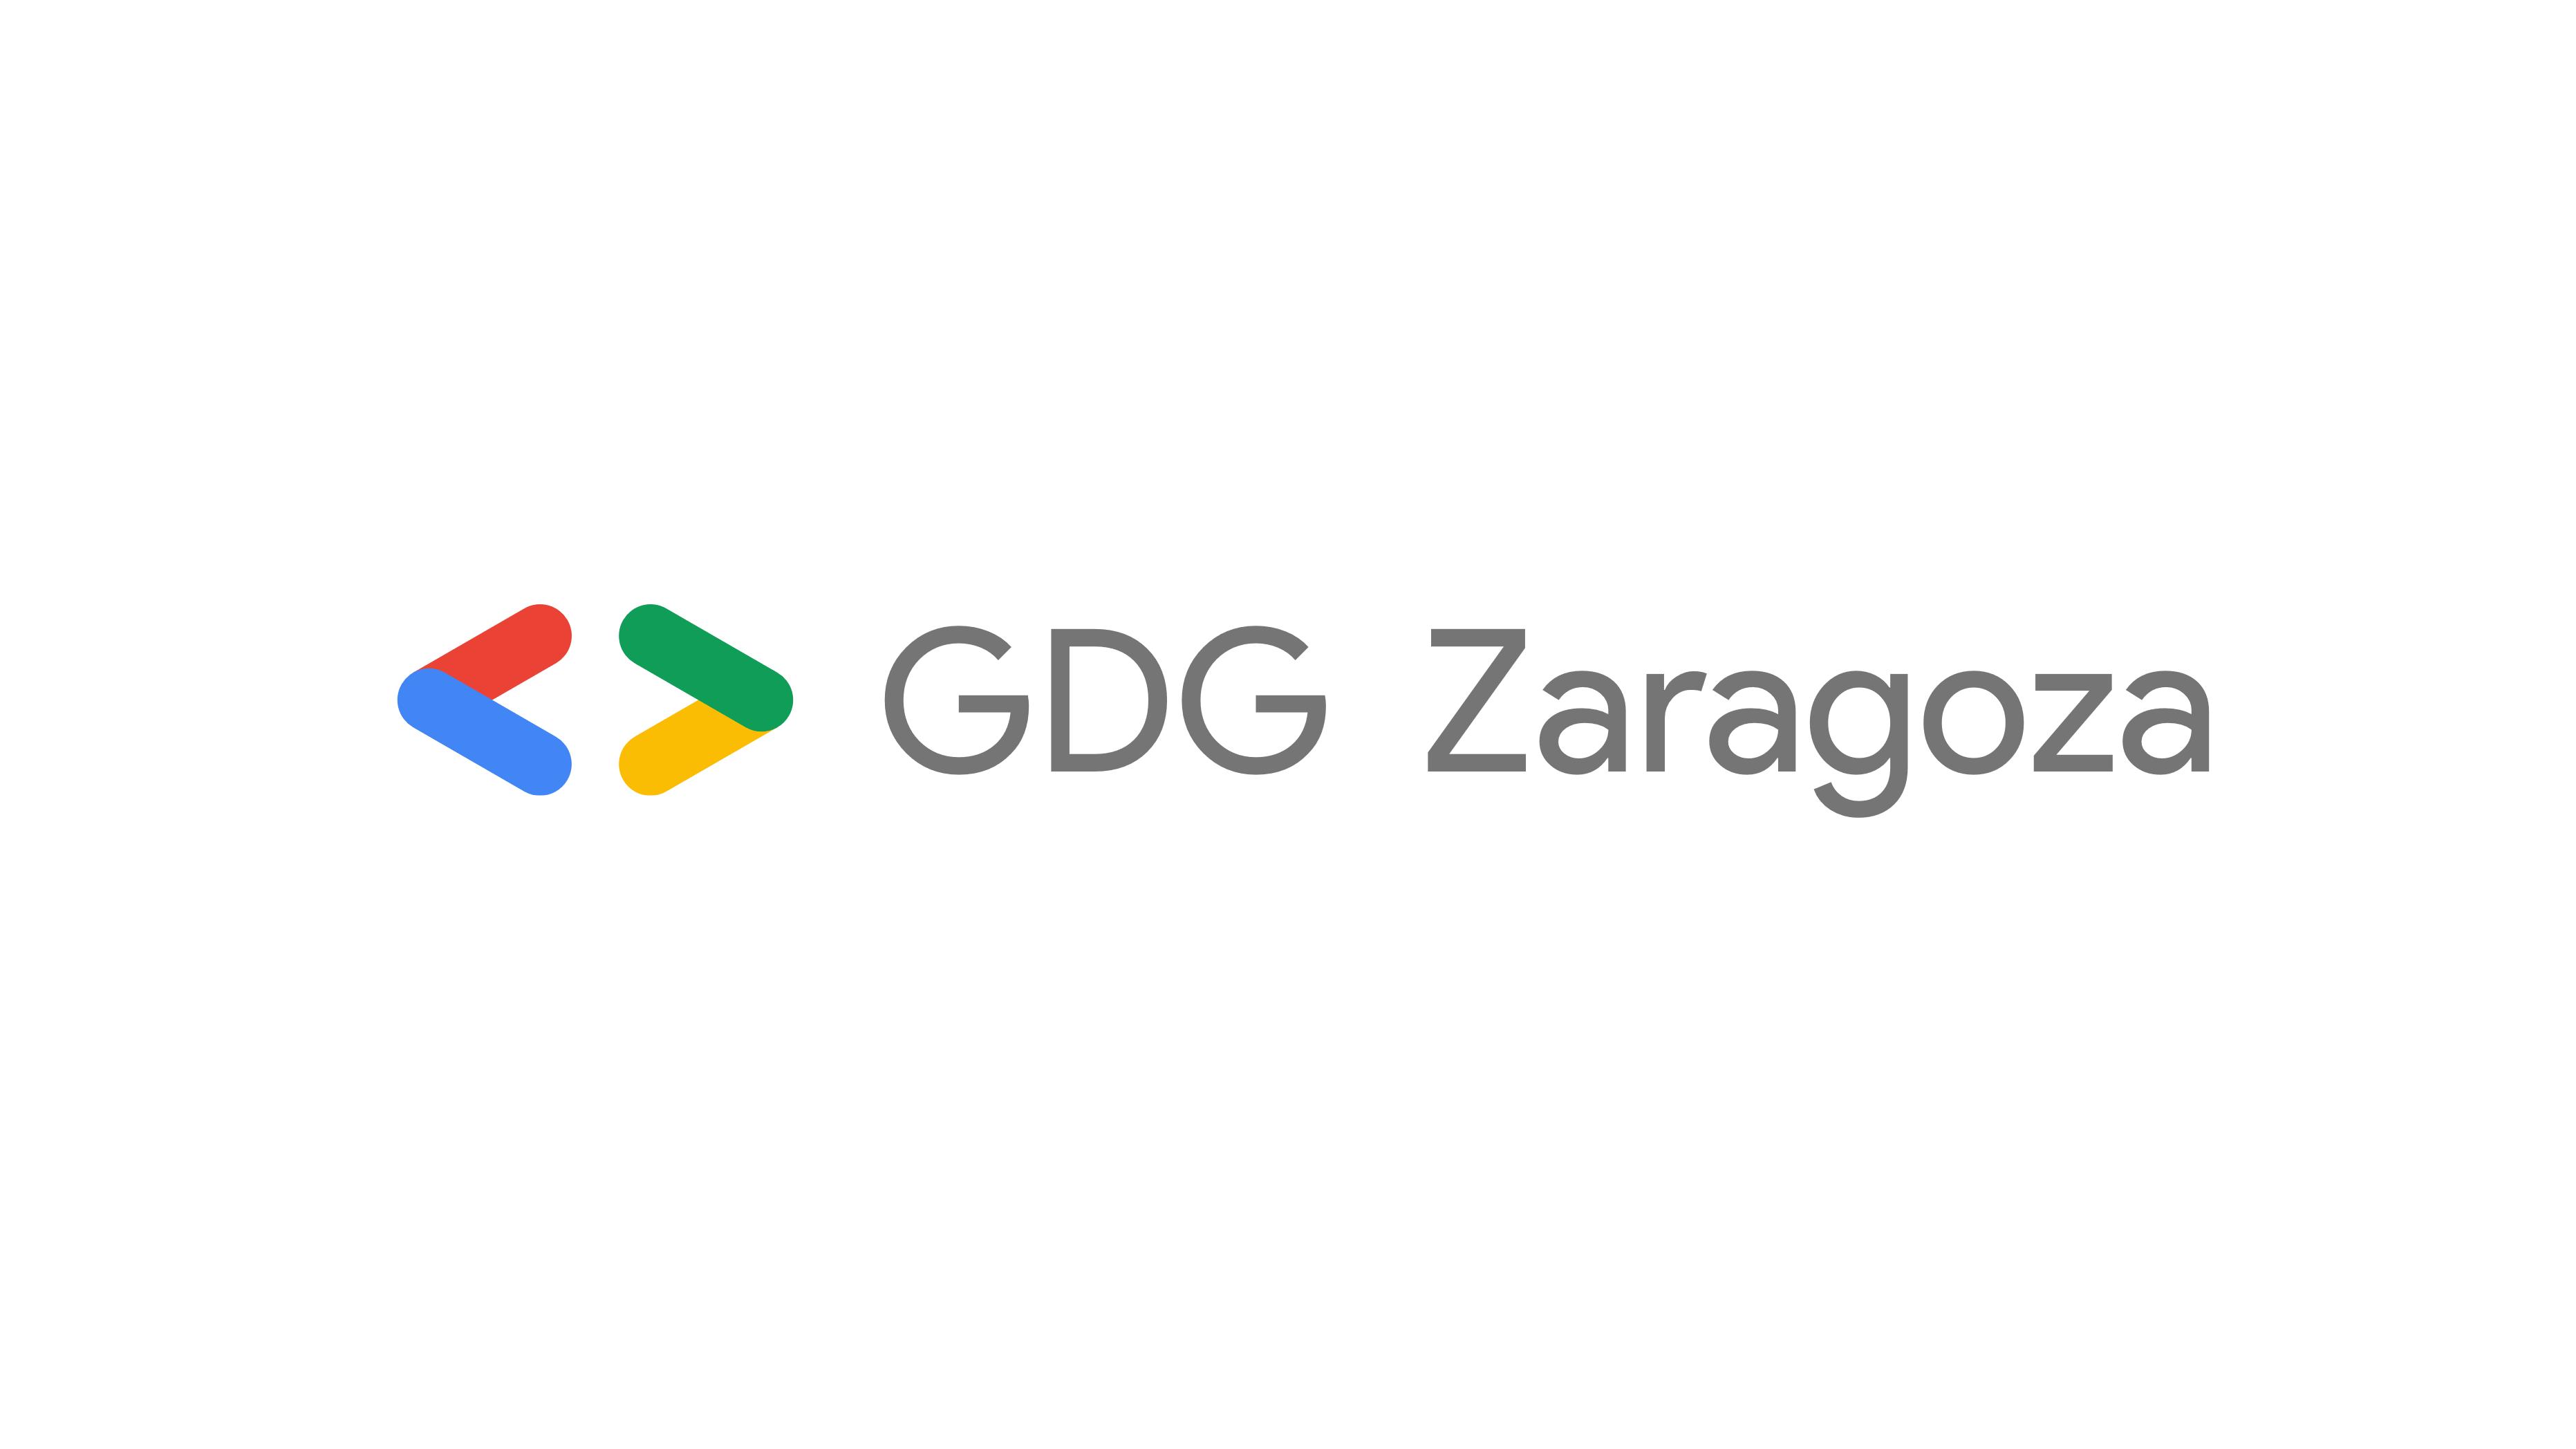 GDG Zaragoza